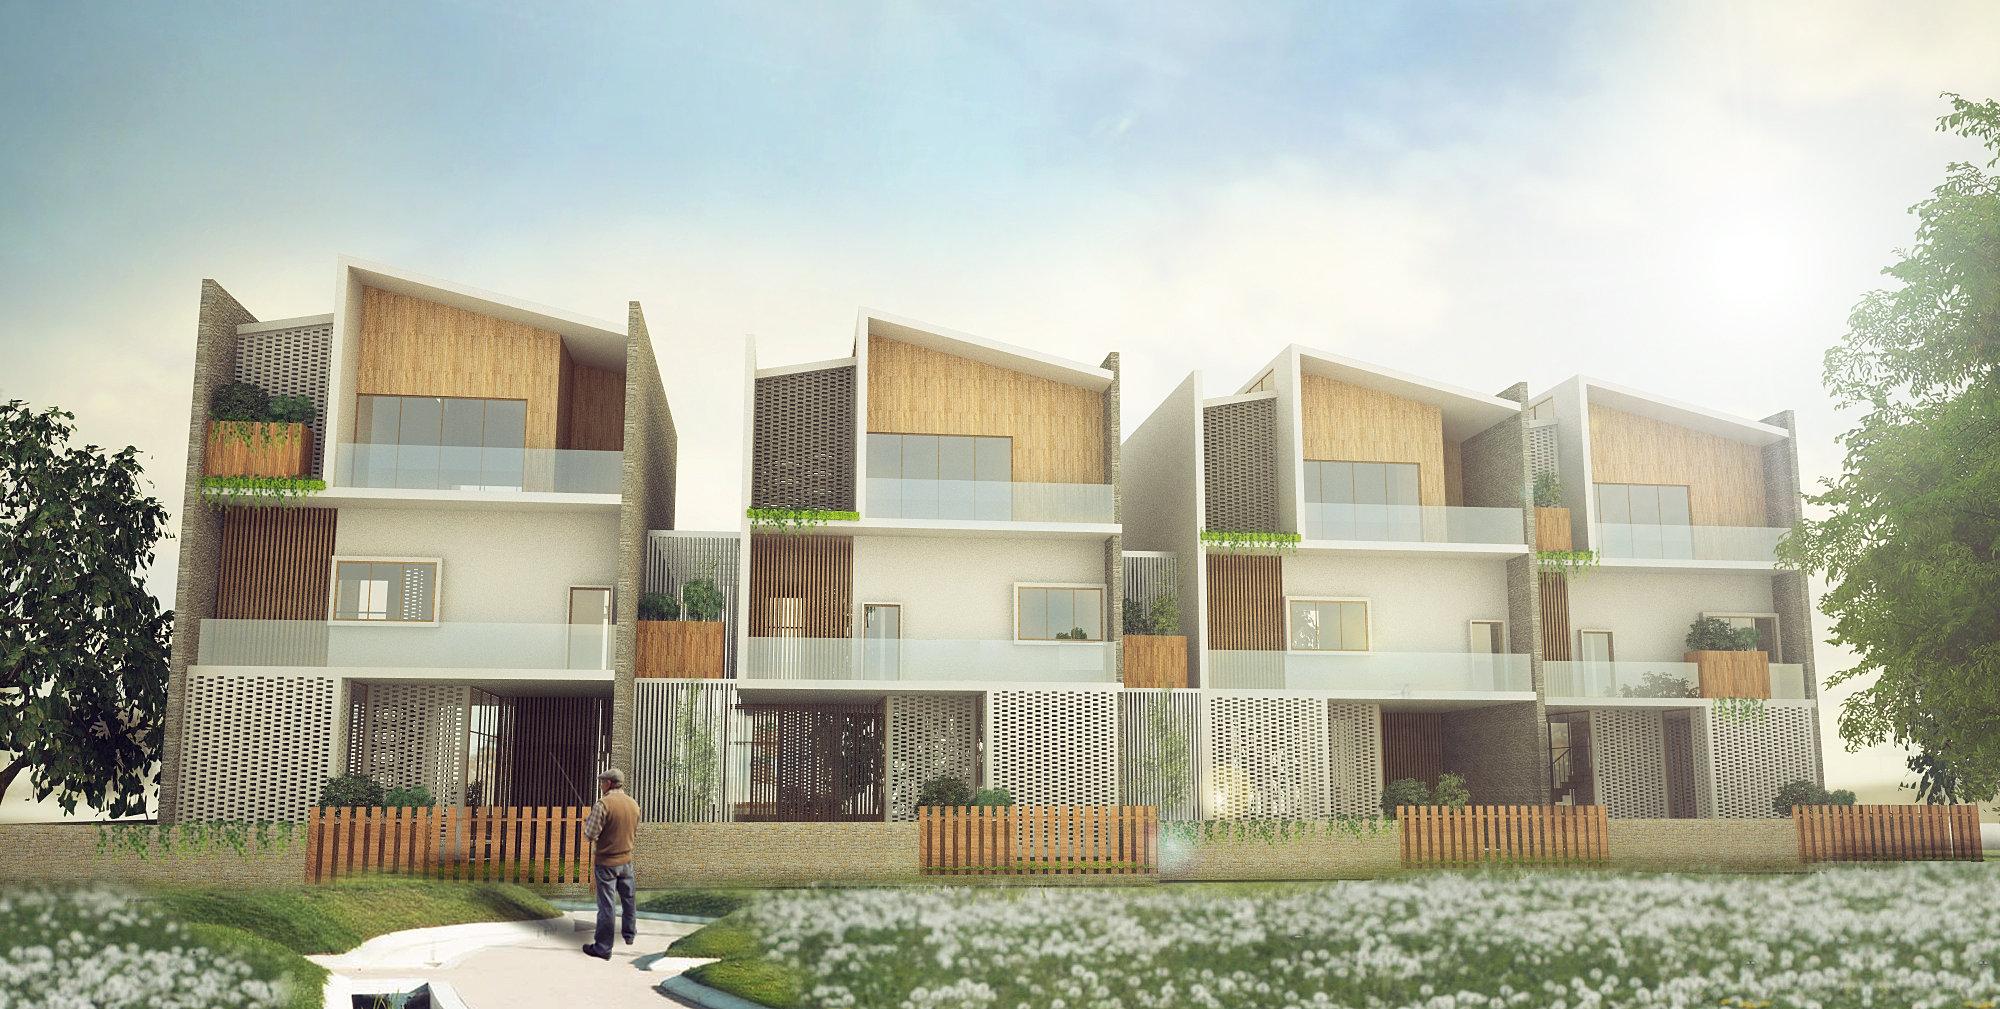 Antistatics Architecture And Design 非静止建筑设计 Ecological - Senior home design